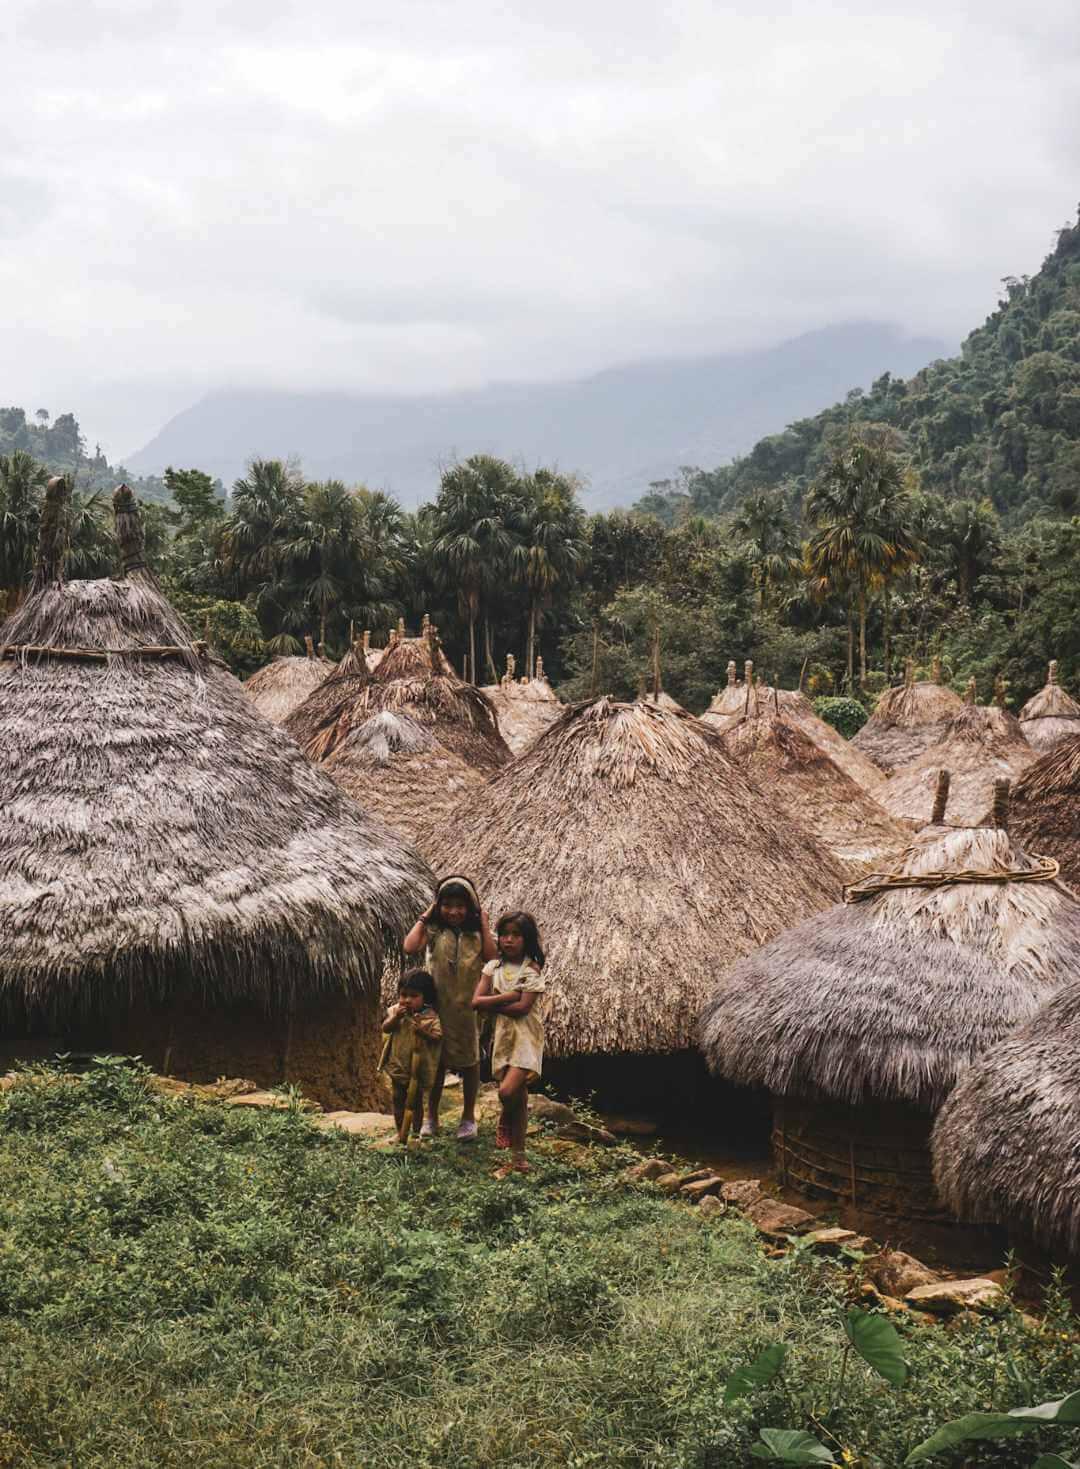 Pueblo indígena camino a Ciudad Perdida